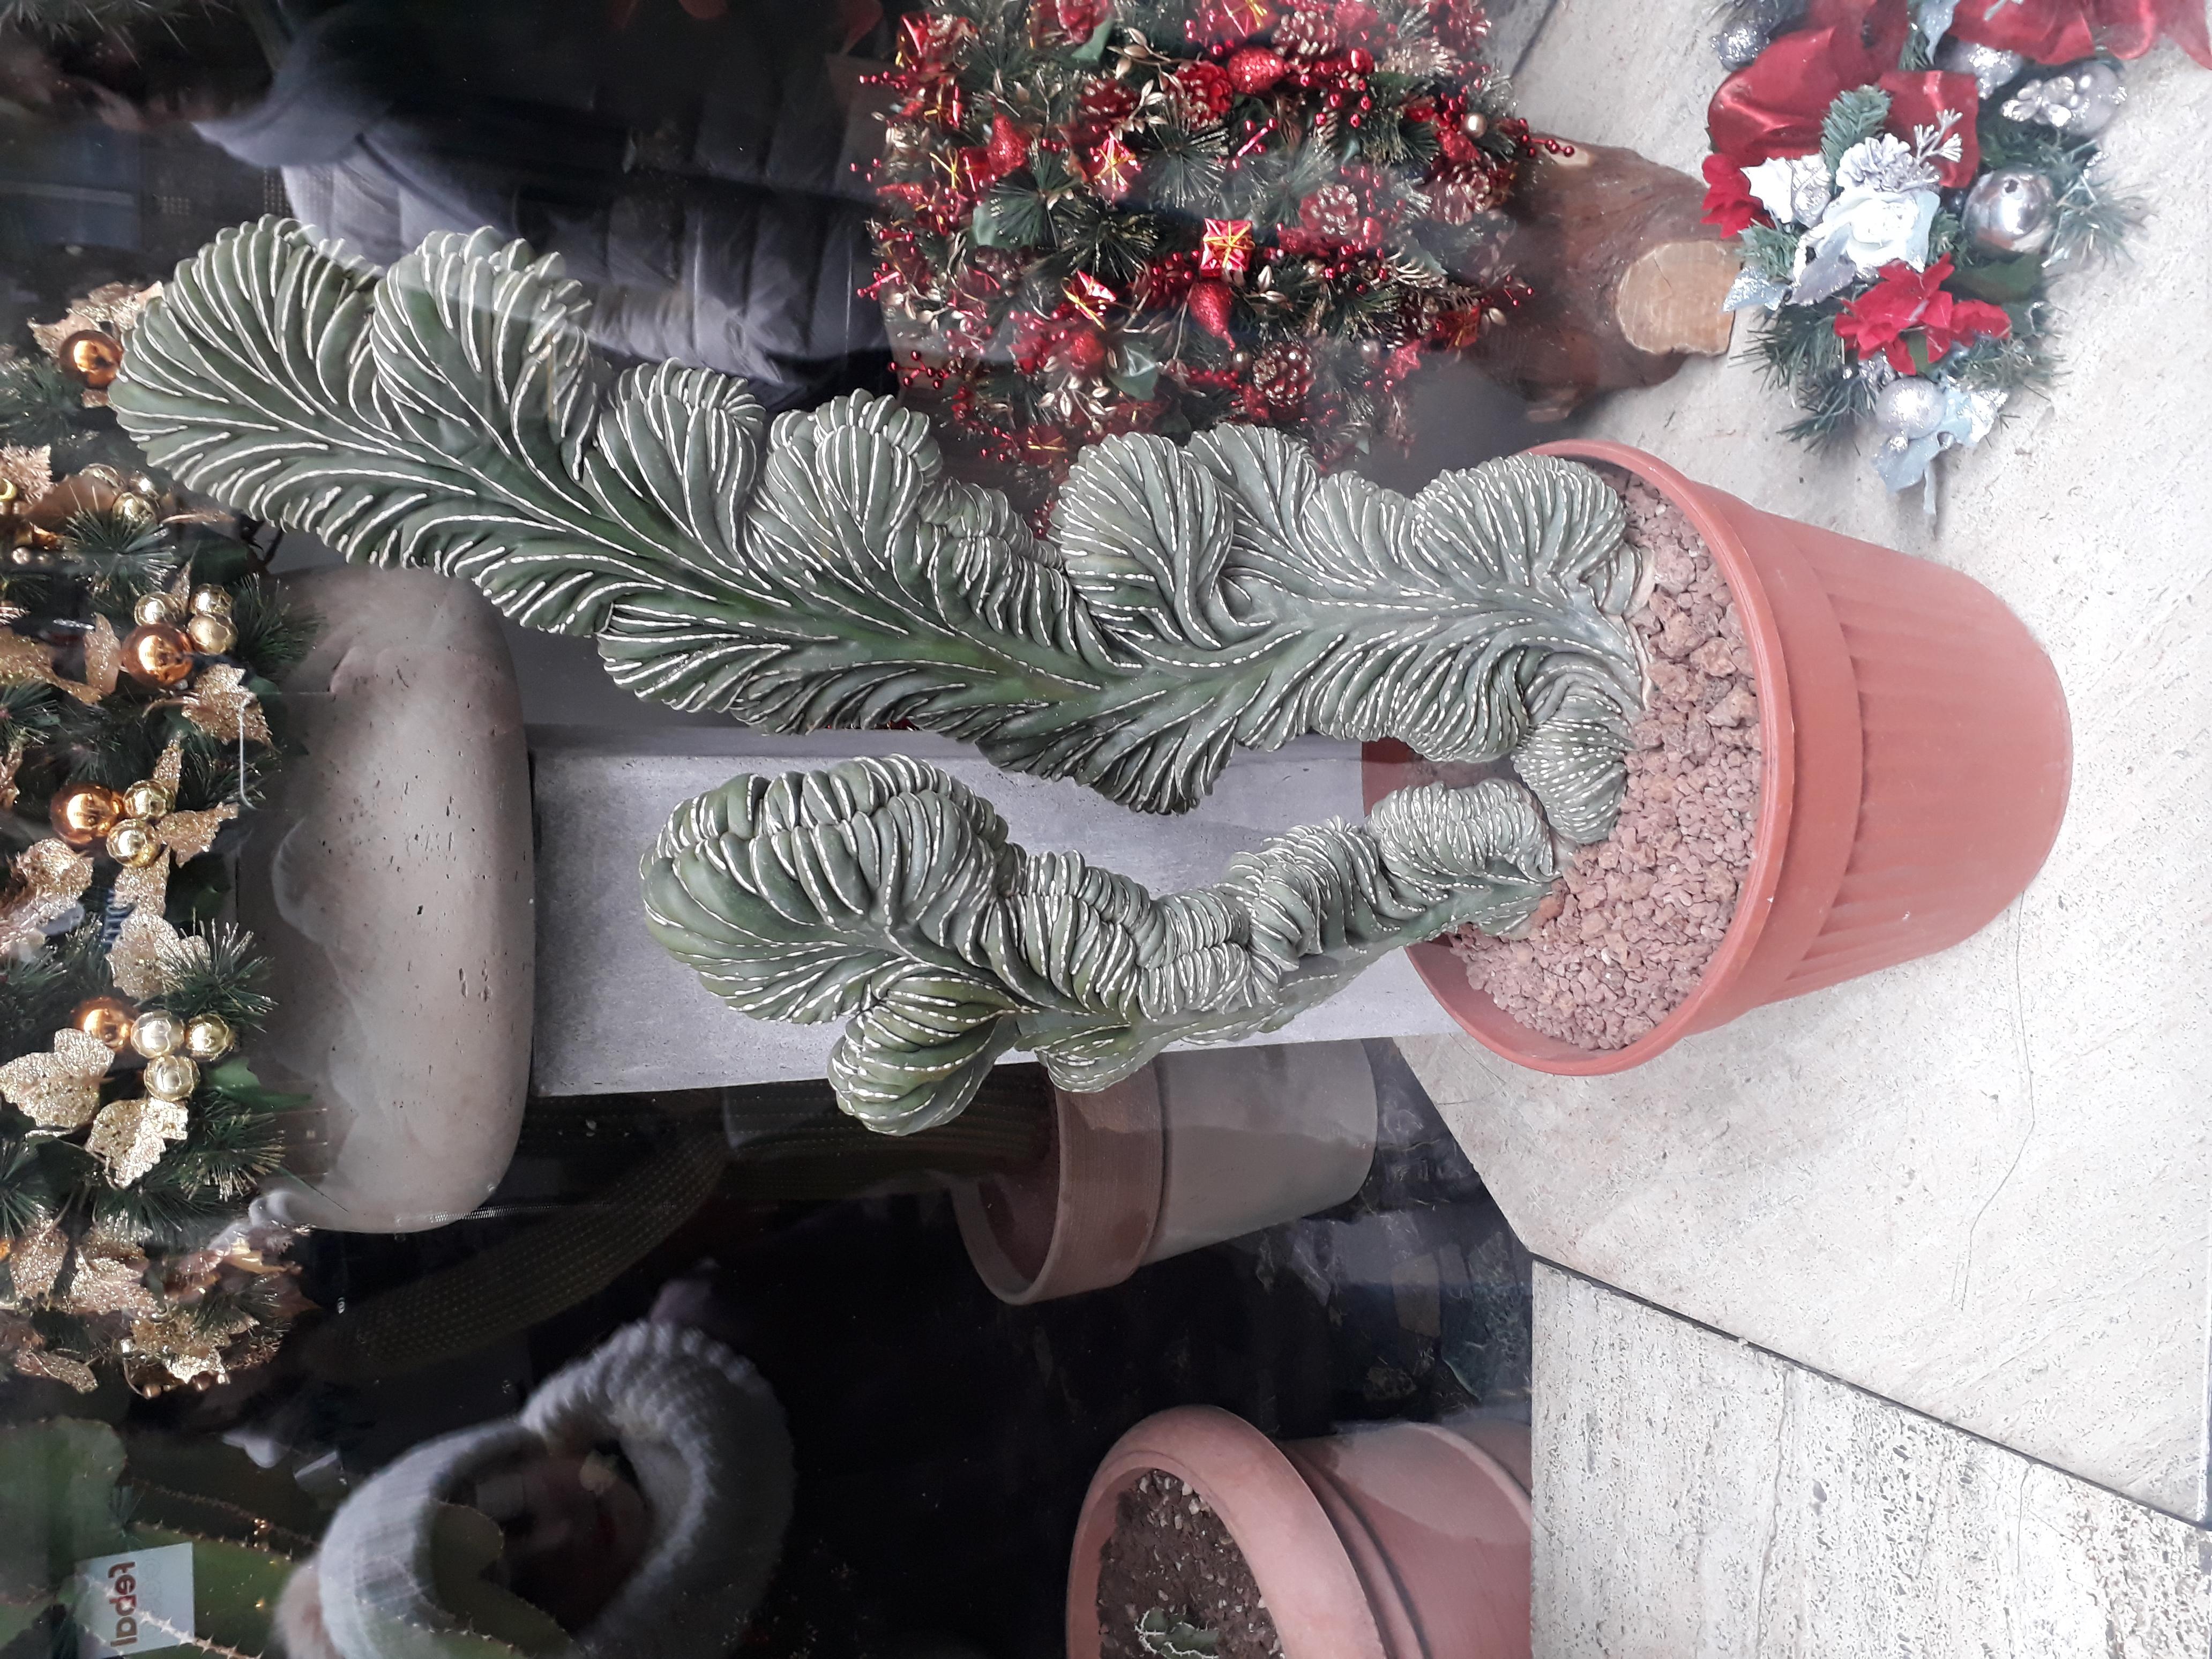 kakteen bestimmen pachycereus marginatus cristata pflanzenbestimmung pflanzensuche. Black Bedroom Furniture Sets. Home Design Ideas